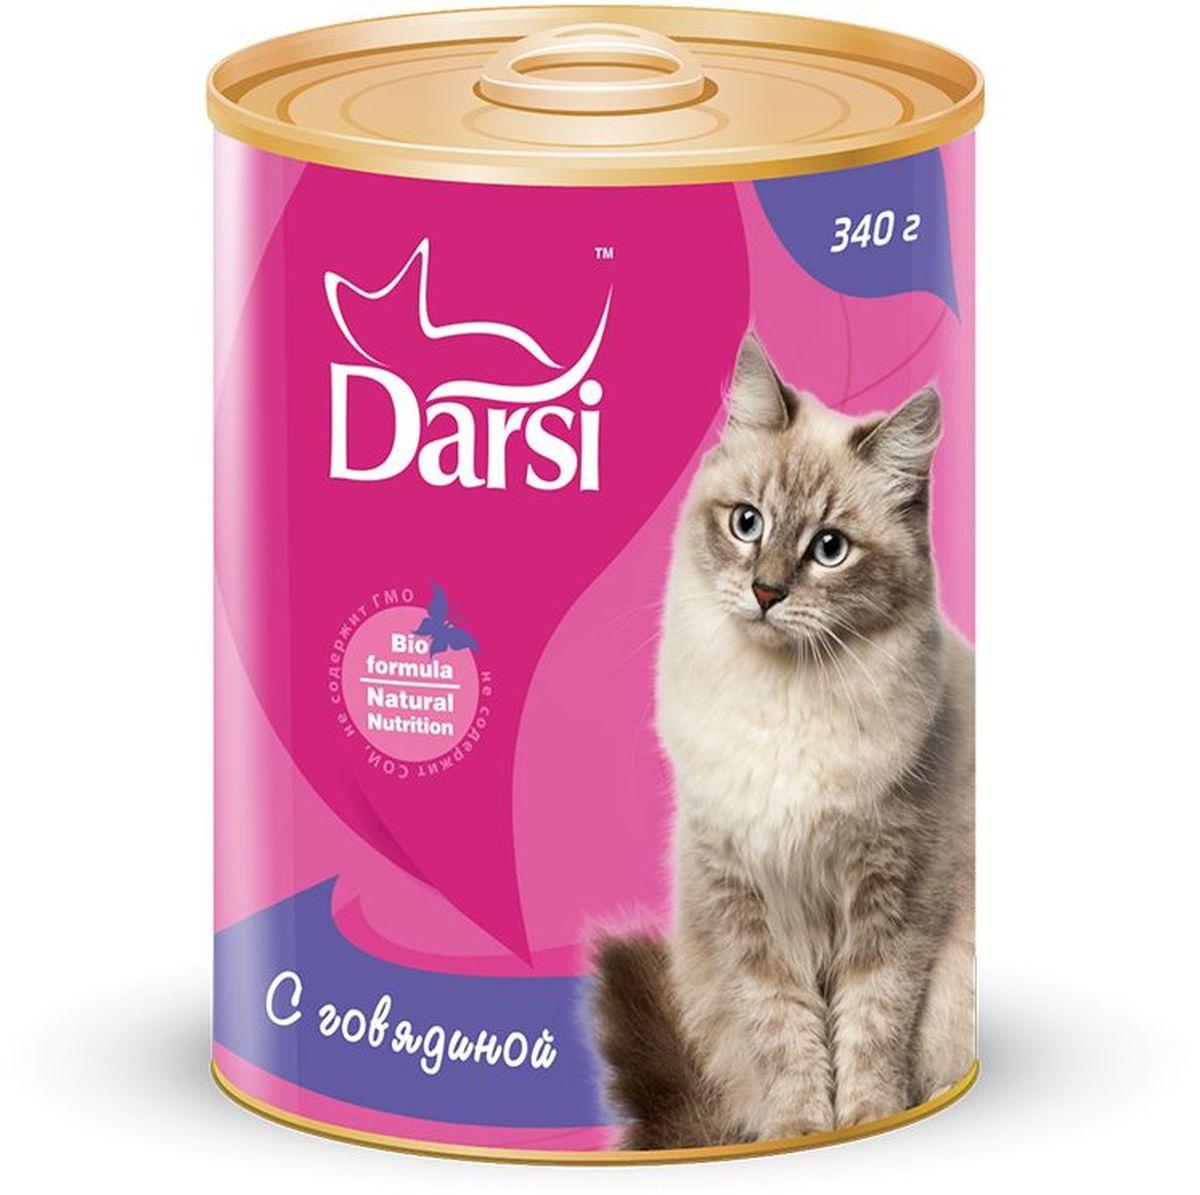 Консервы для кошек Darsi, с говядиной, 340 г. 92669266Полнорационный консервированный корм для кошек в виде фарша.